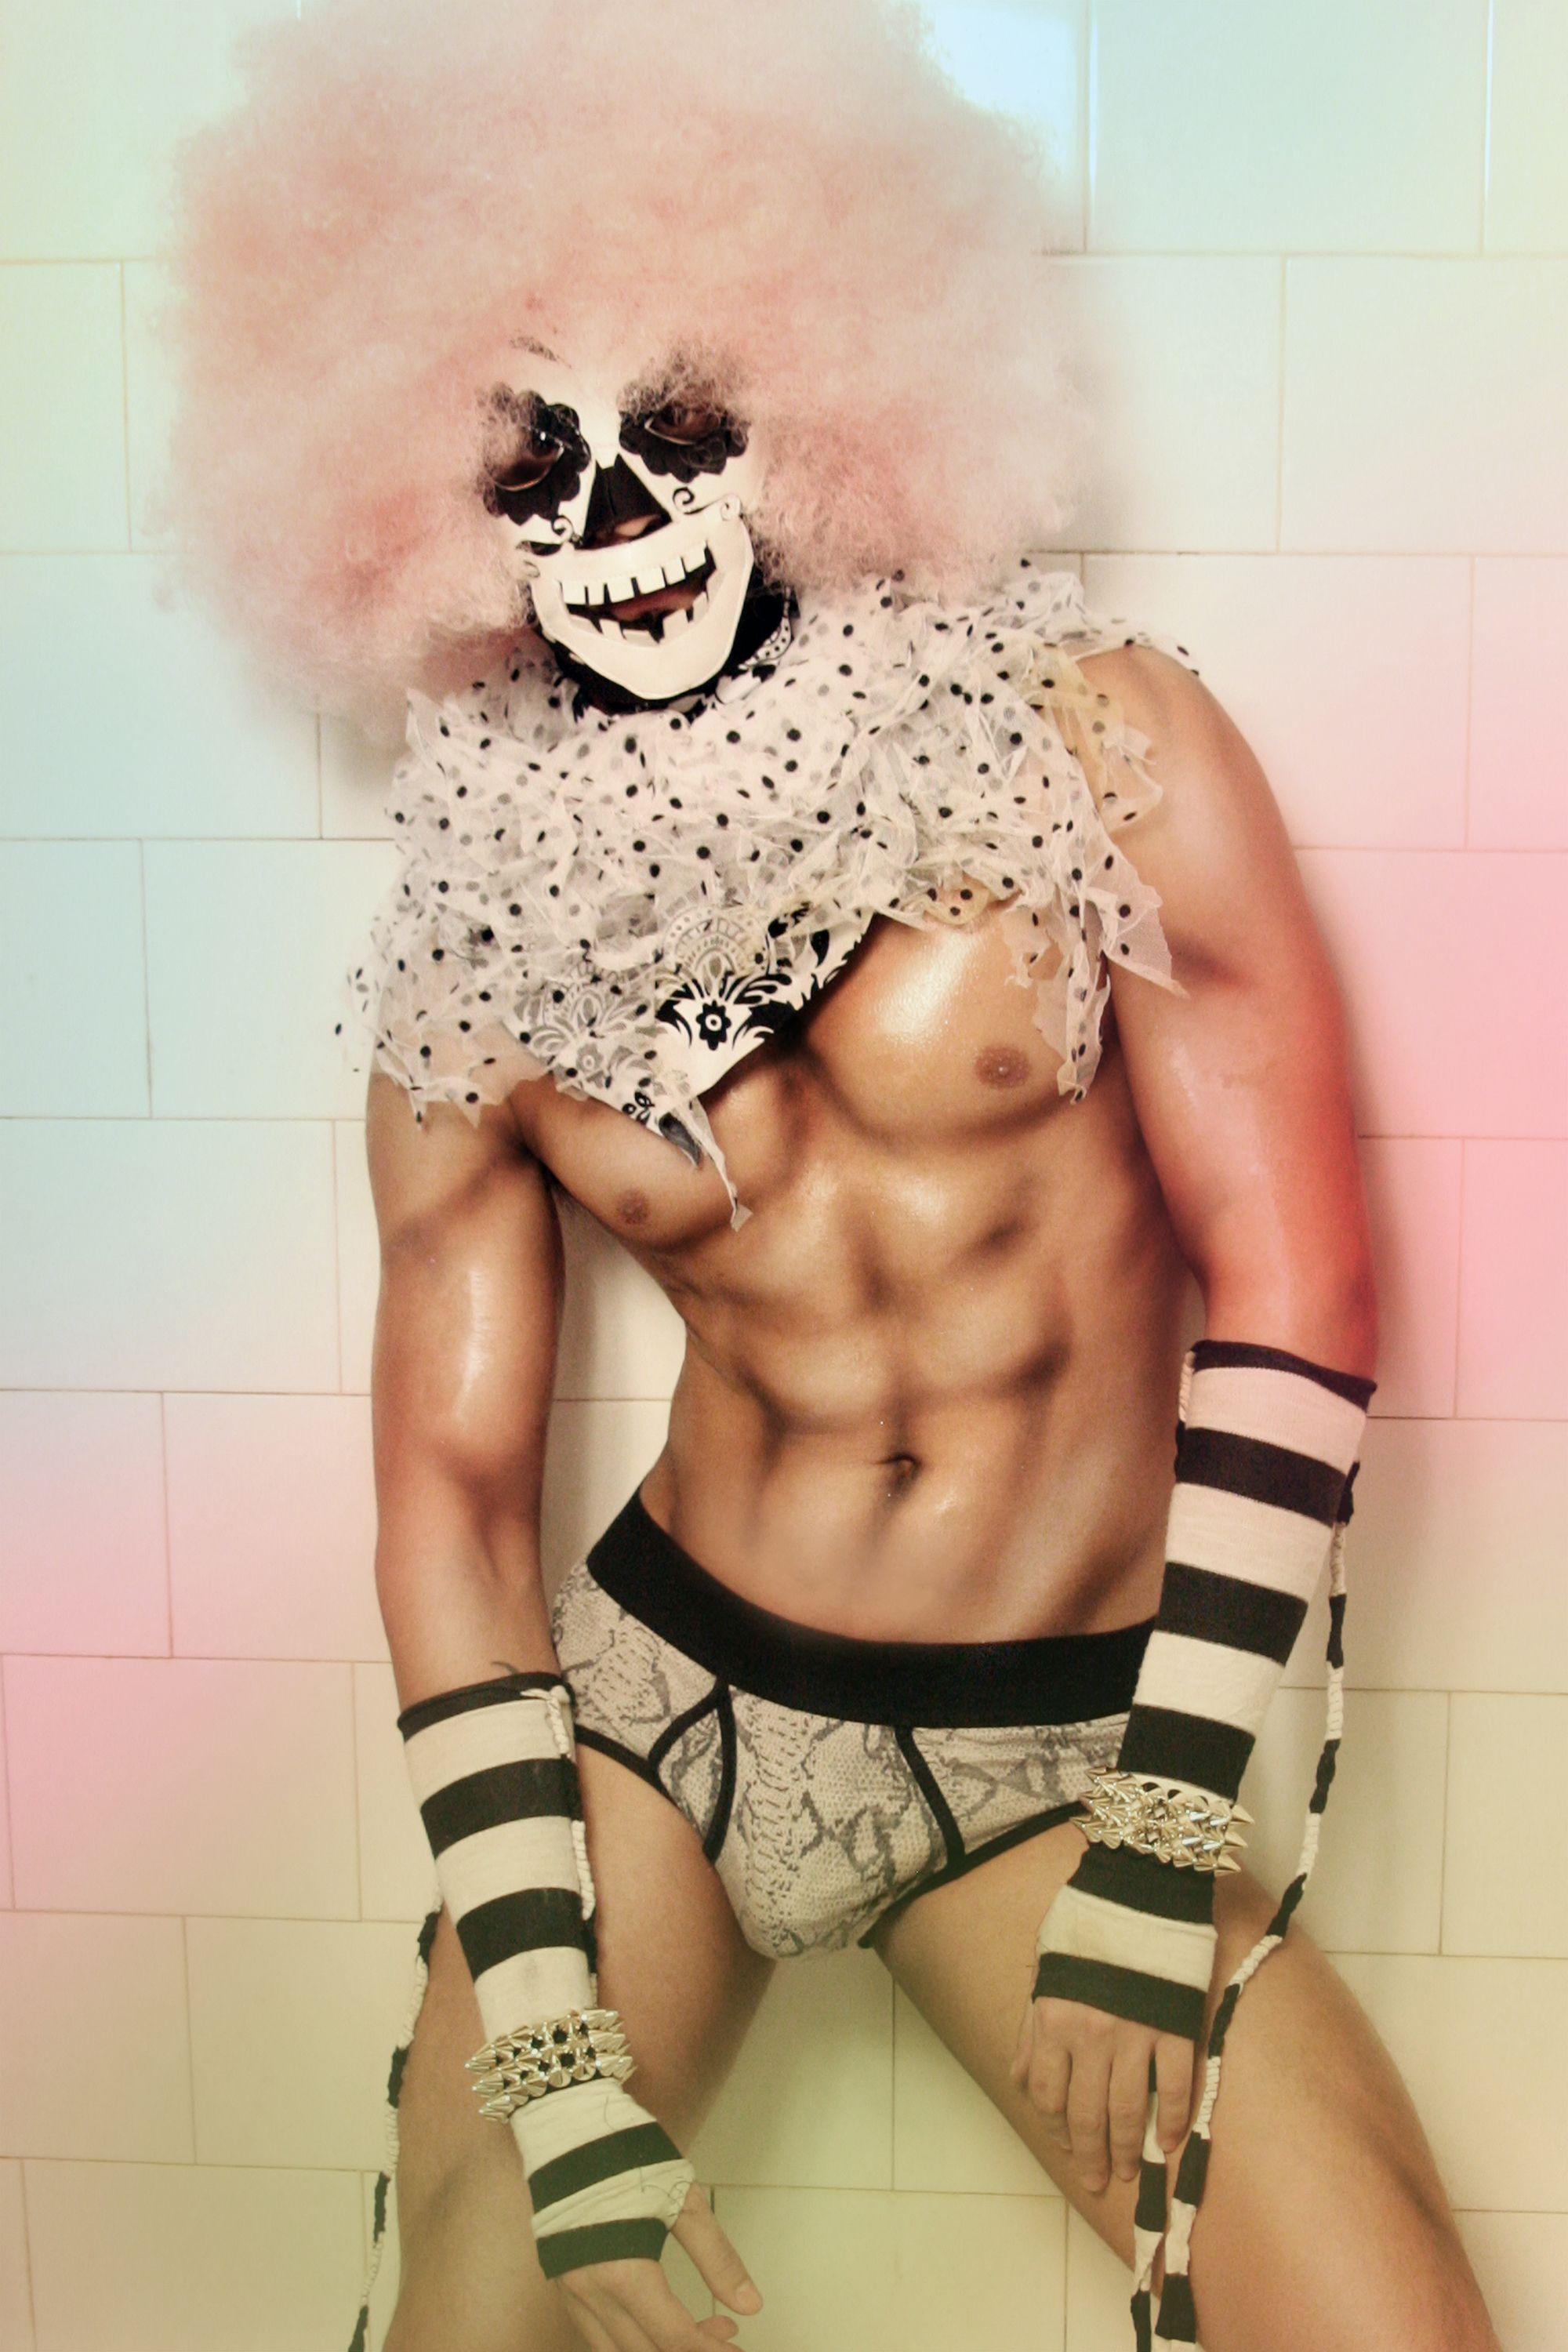 Hot Clown Male